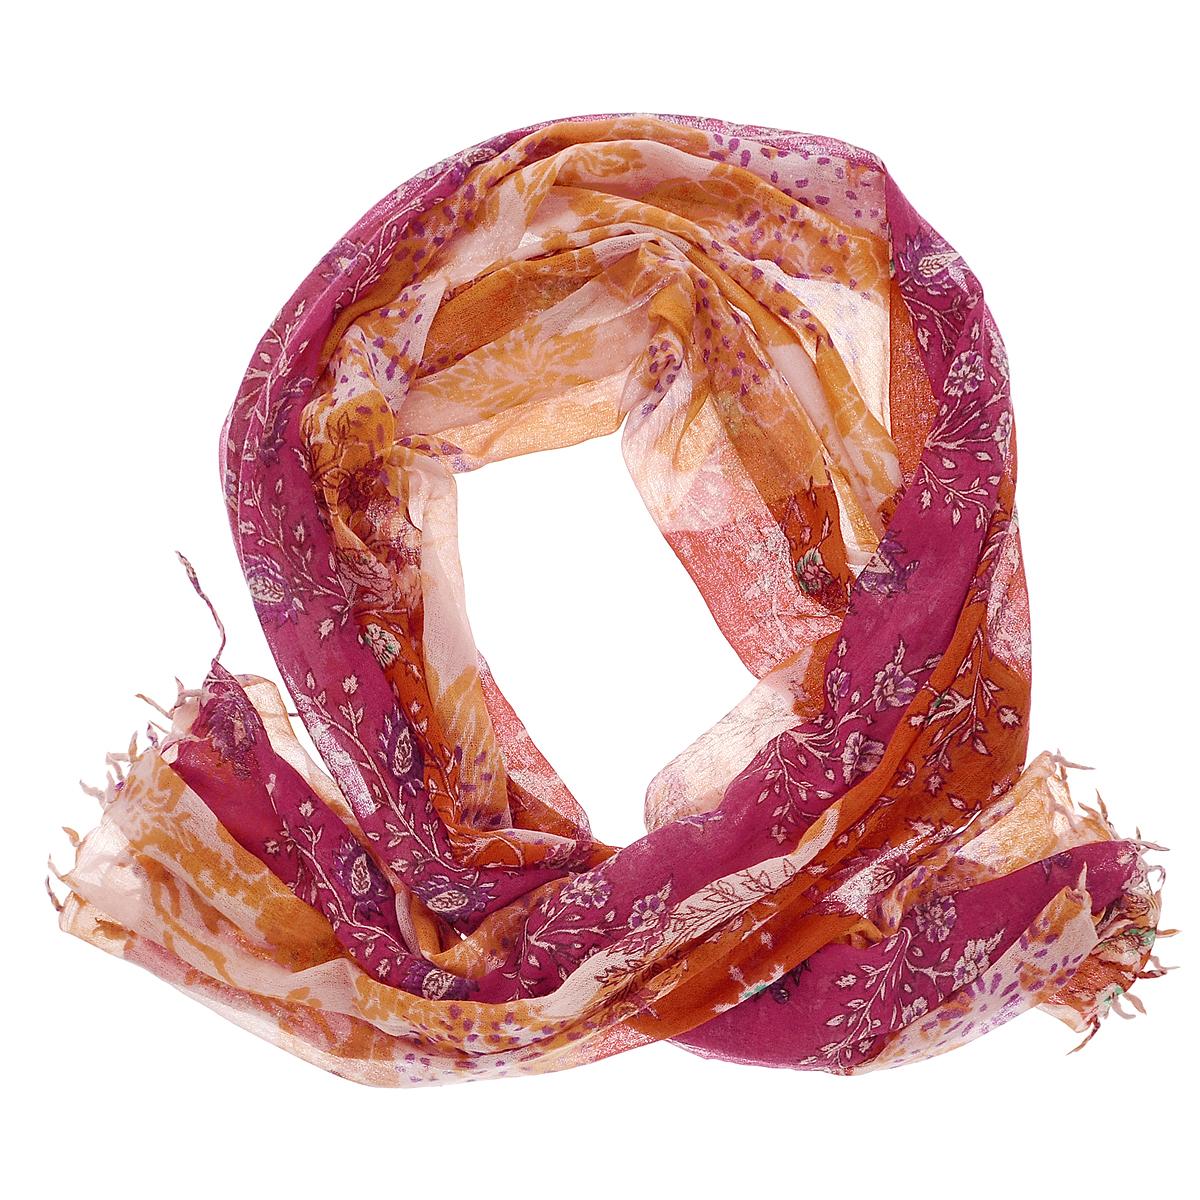 Палантин. W-TRIBALFLW-TRIBALFL/BEIGE.GRСтильный палантин Michel Katana согреет в холодное время года, а также станет изысканным аксессуаром, который призван подчеркнуть вашу индивидуальность и стиль. Палантин выполнен из шерсти и декорирован цветочным принтом. По краям изделие оформлено кисточками.